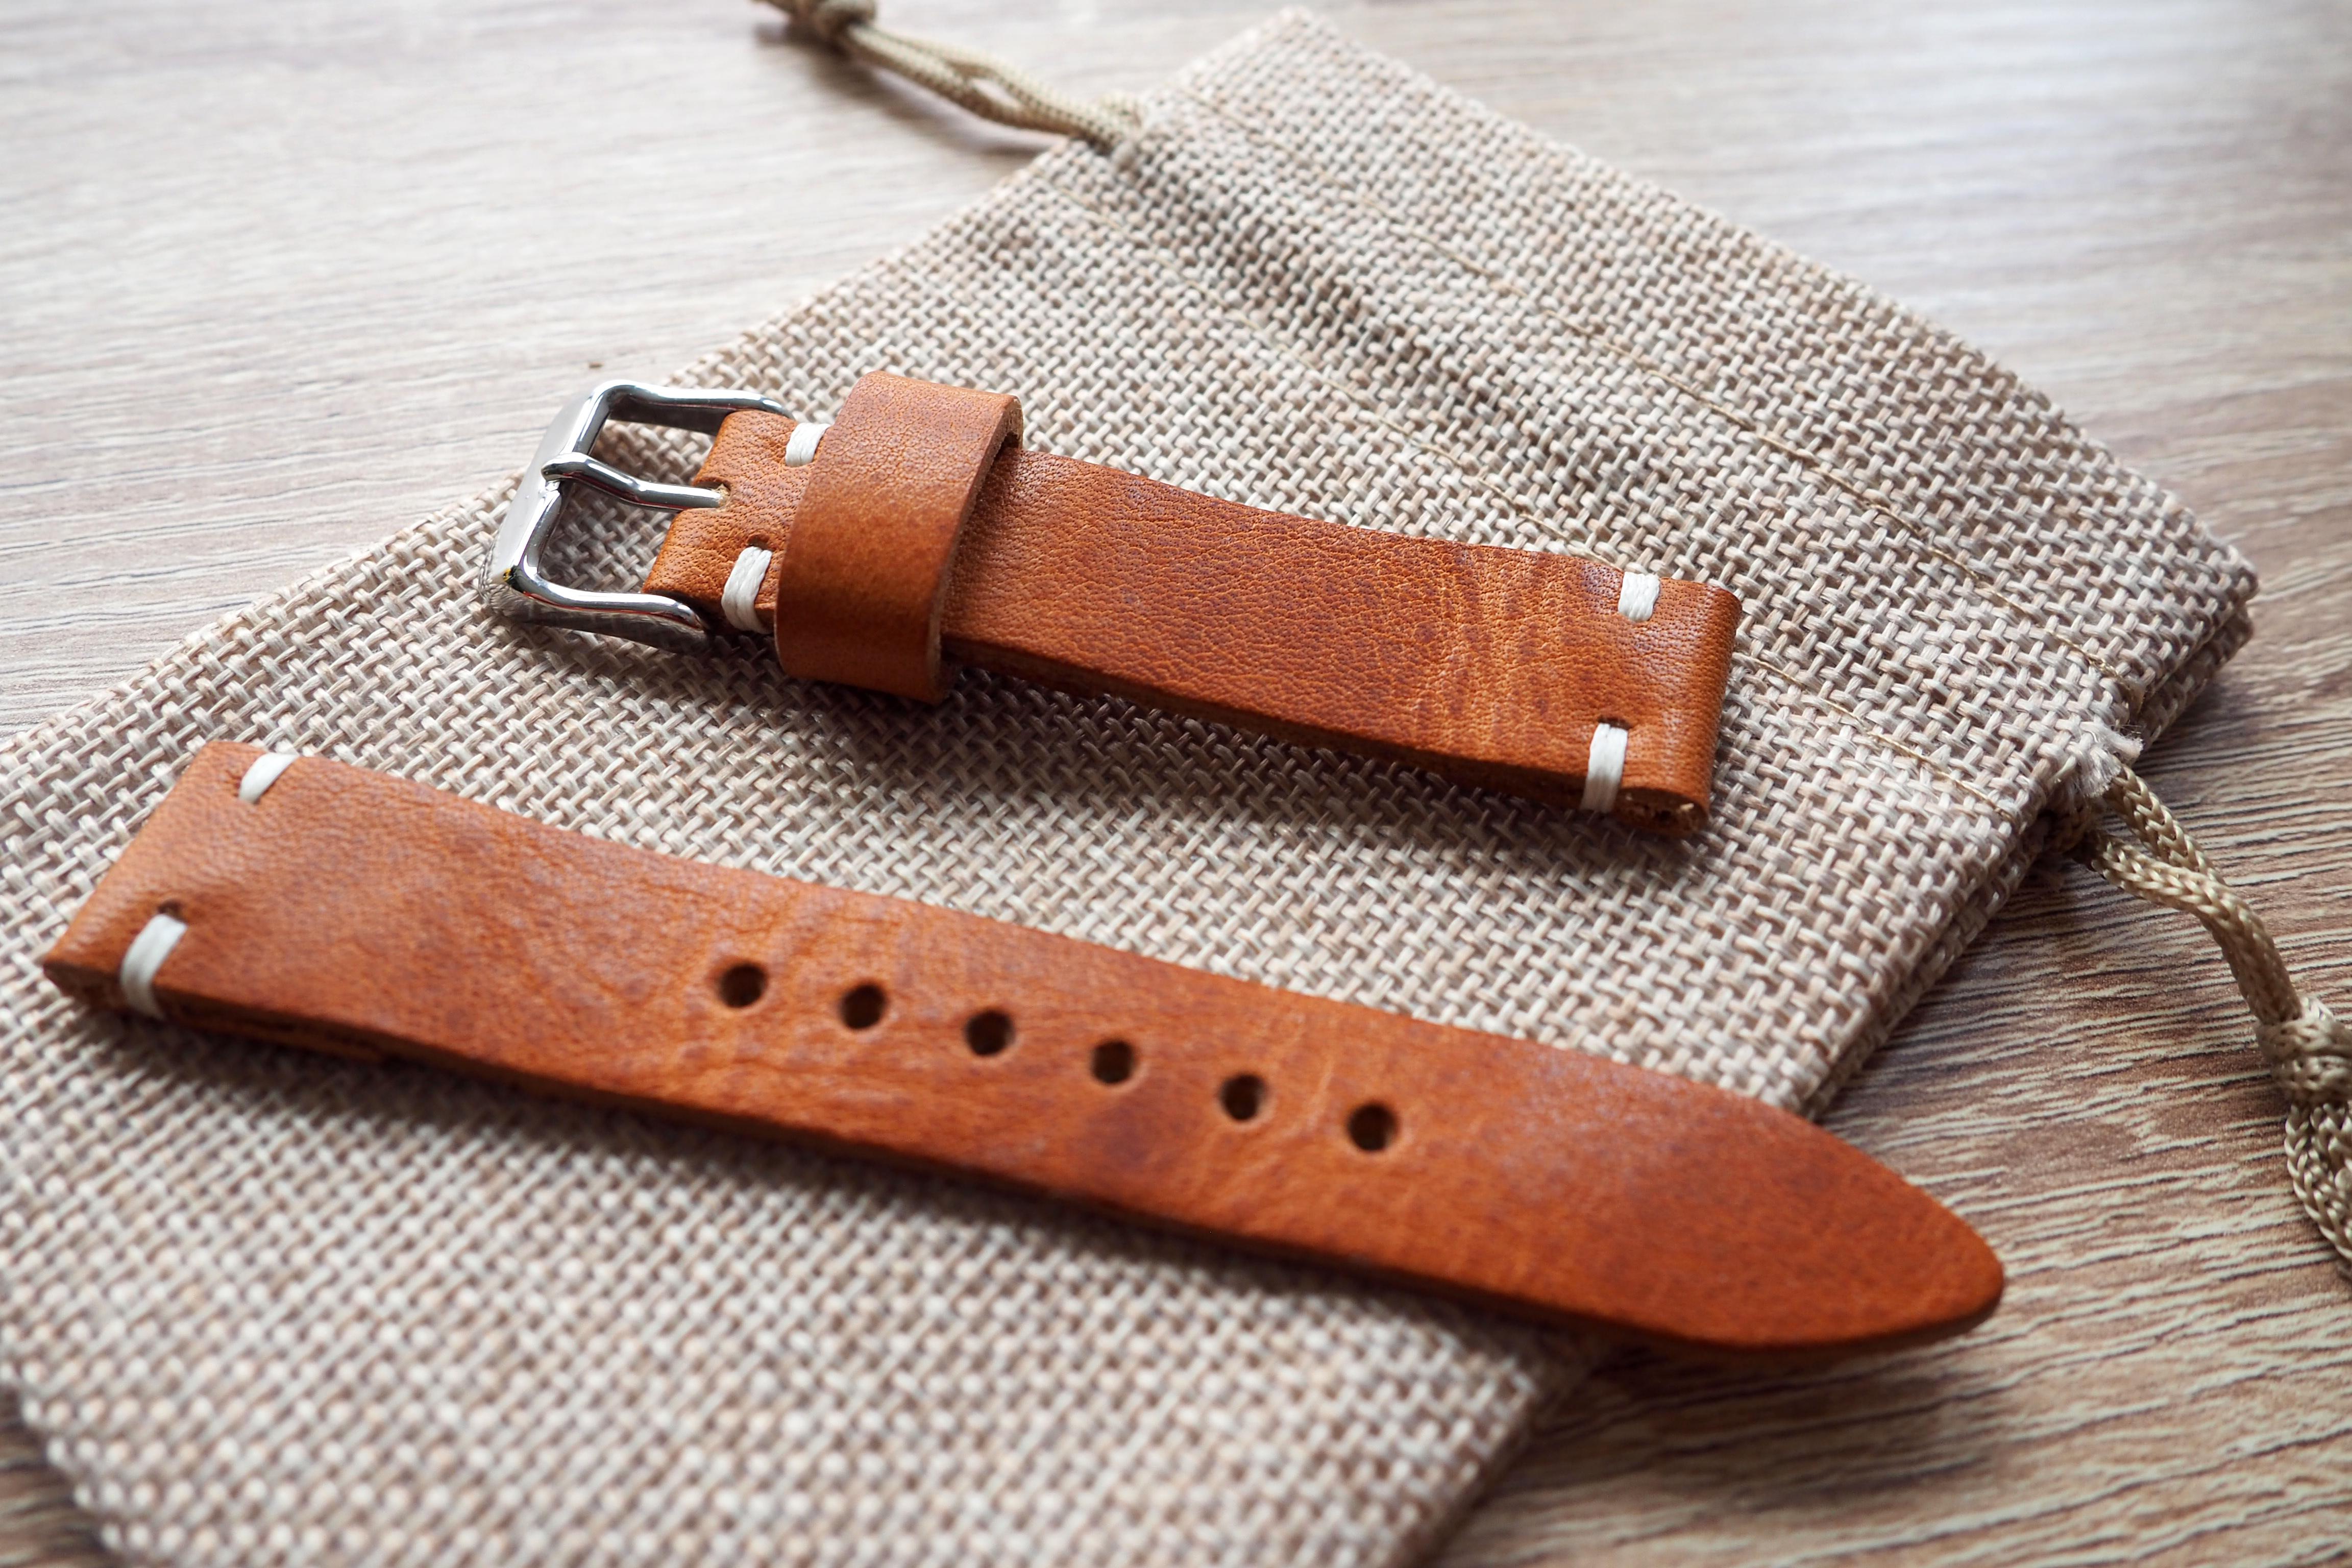 vibrant tan colored strap